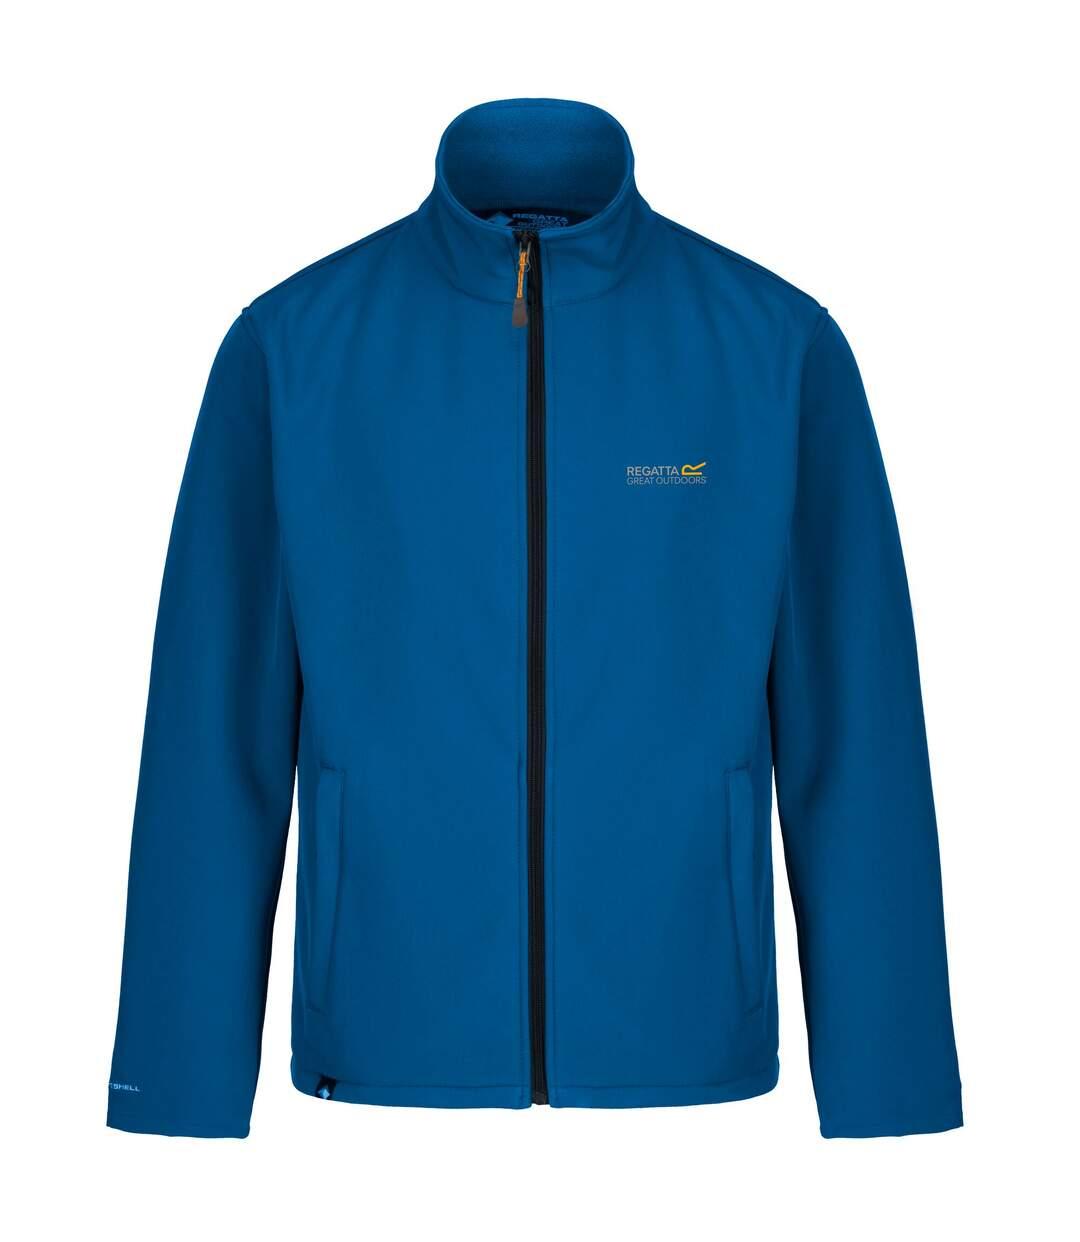 Regatta Great Outdoors Mens Cera III Lightweight Softshell Jacket (Oxford Blue/Navy) - UTRG845